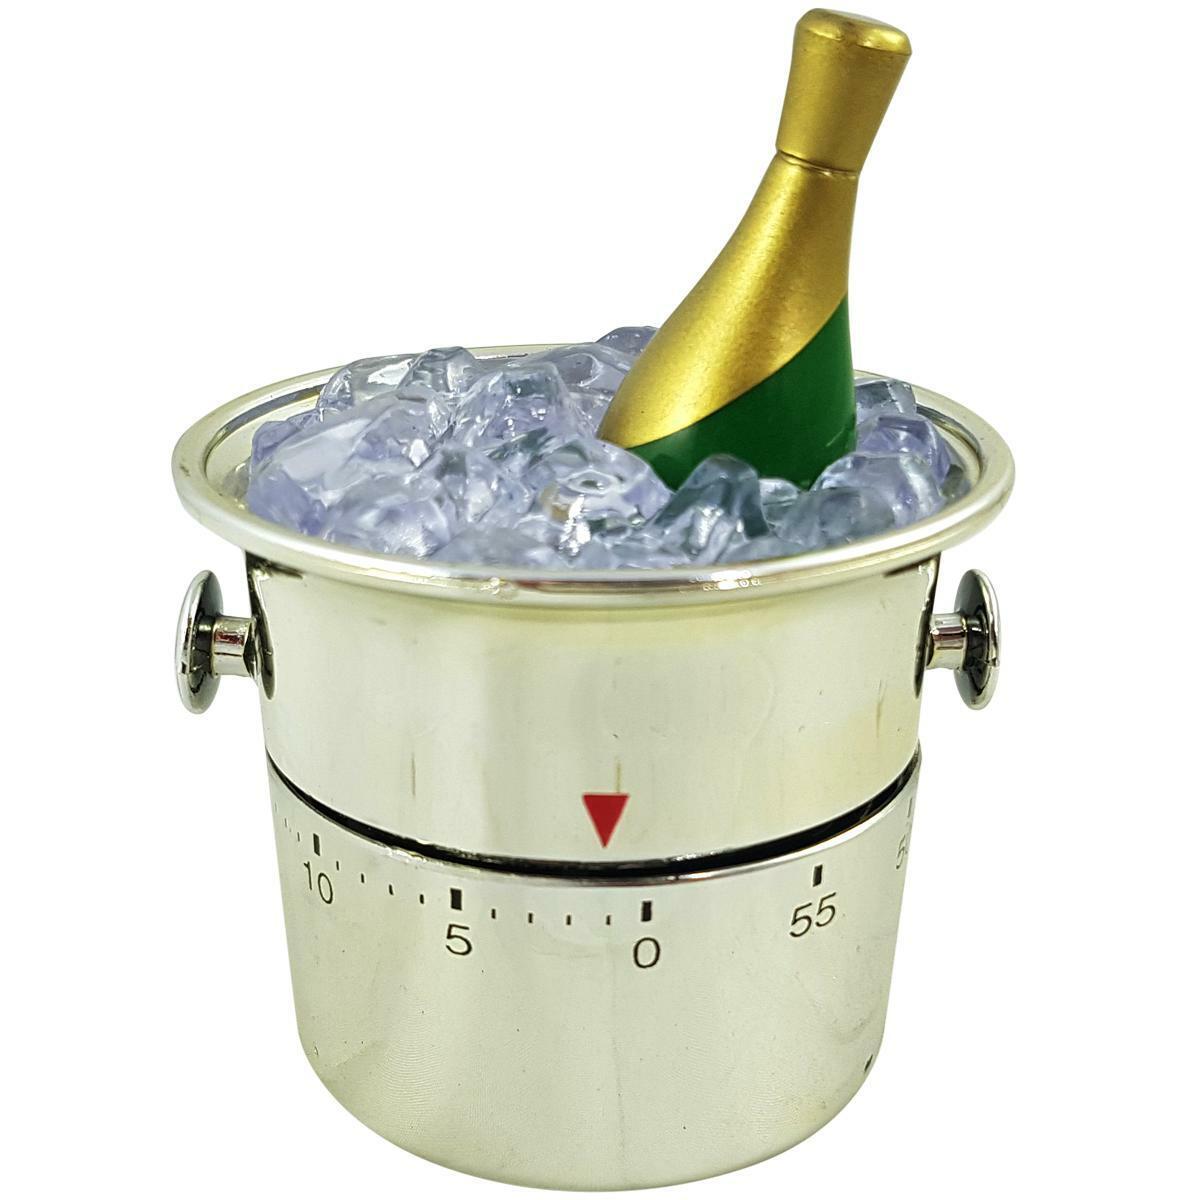 bierre store timer da cucina 60 champagne